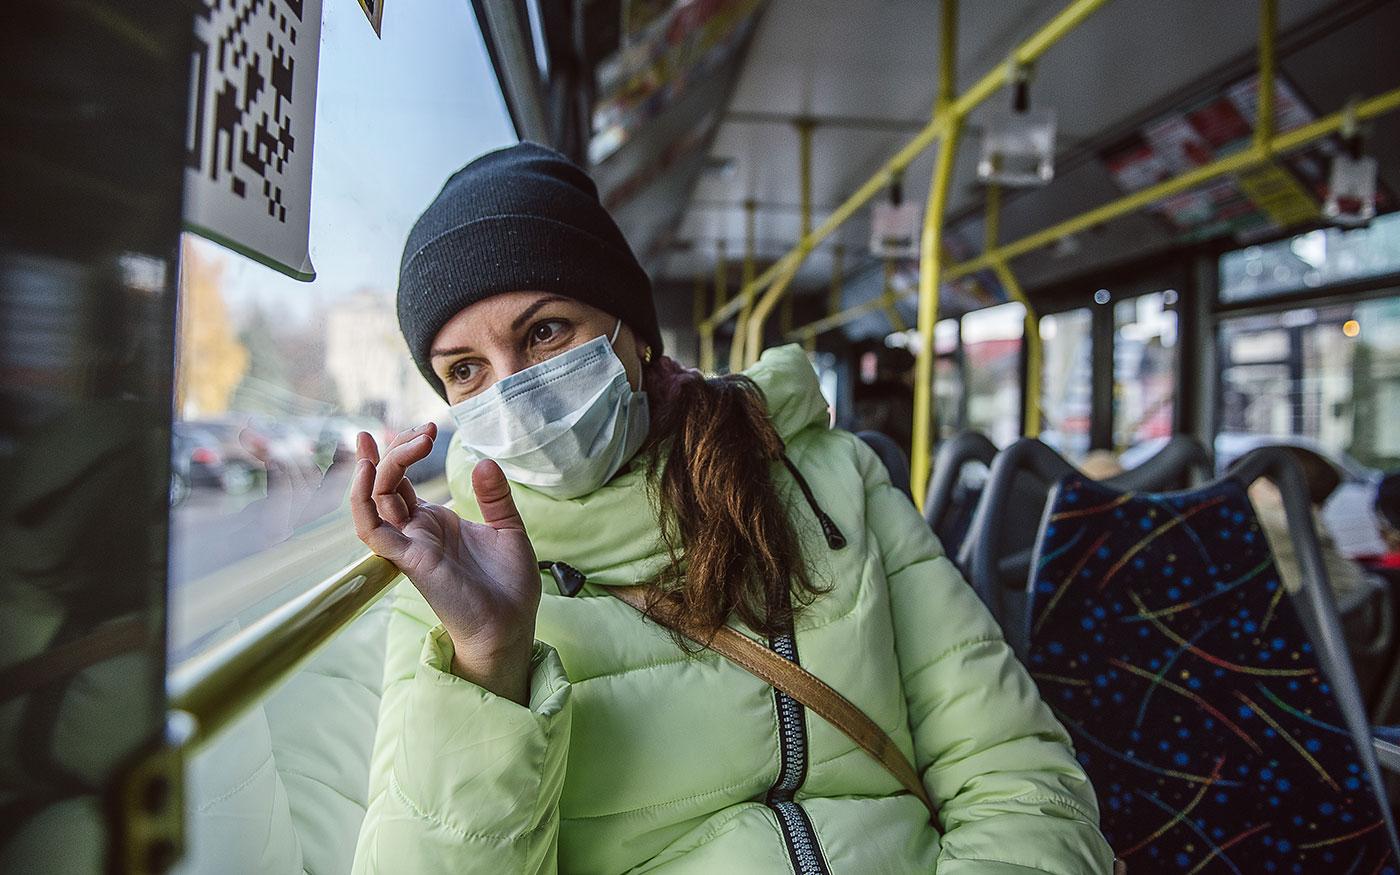 Változik a volánbuszok közlekedési rendje a következő ünnepnapokon